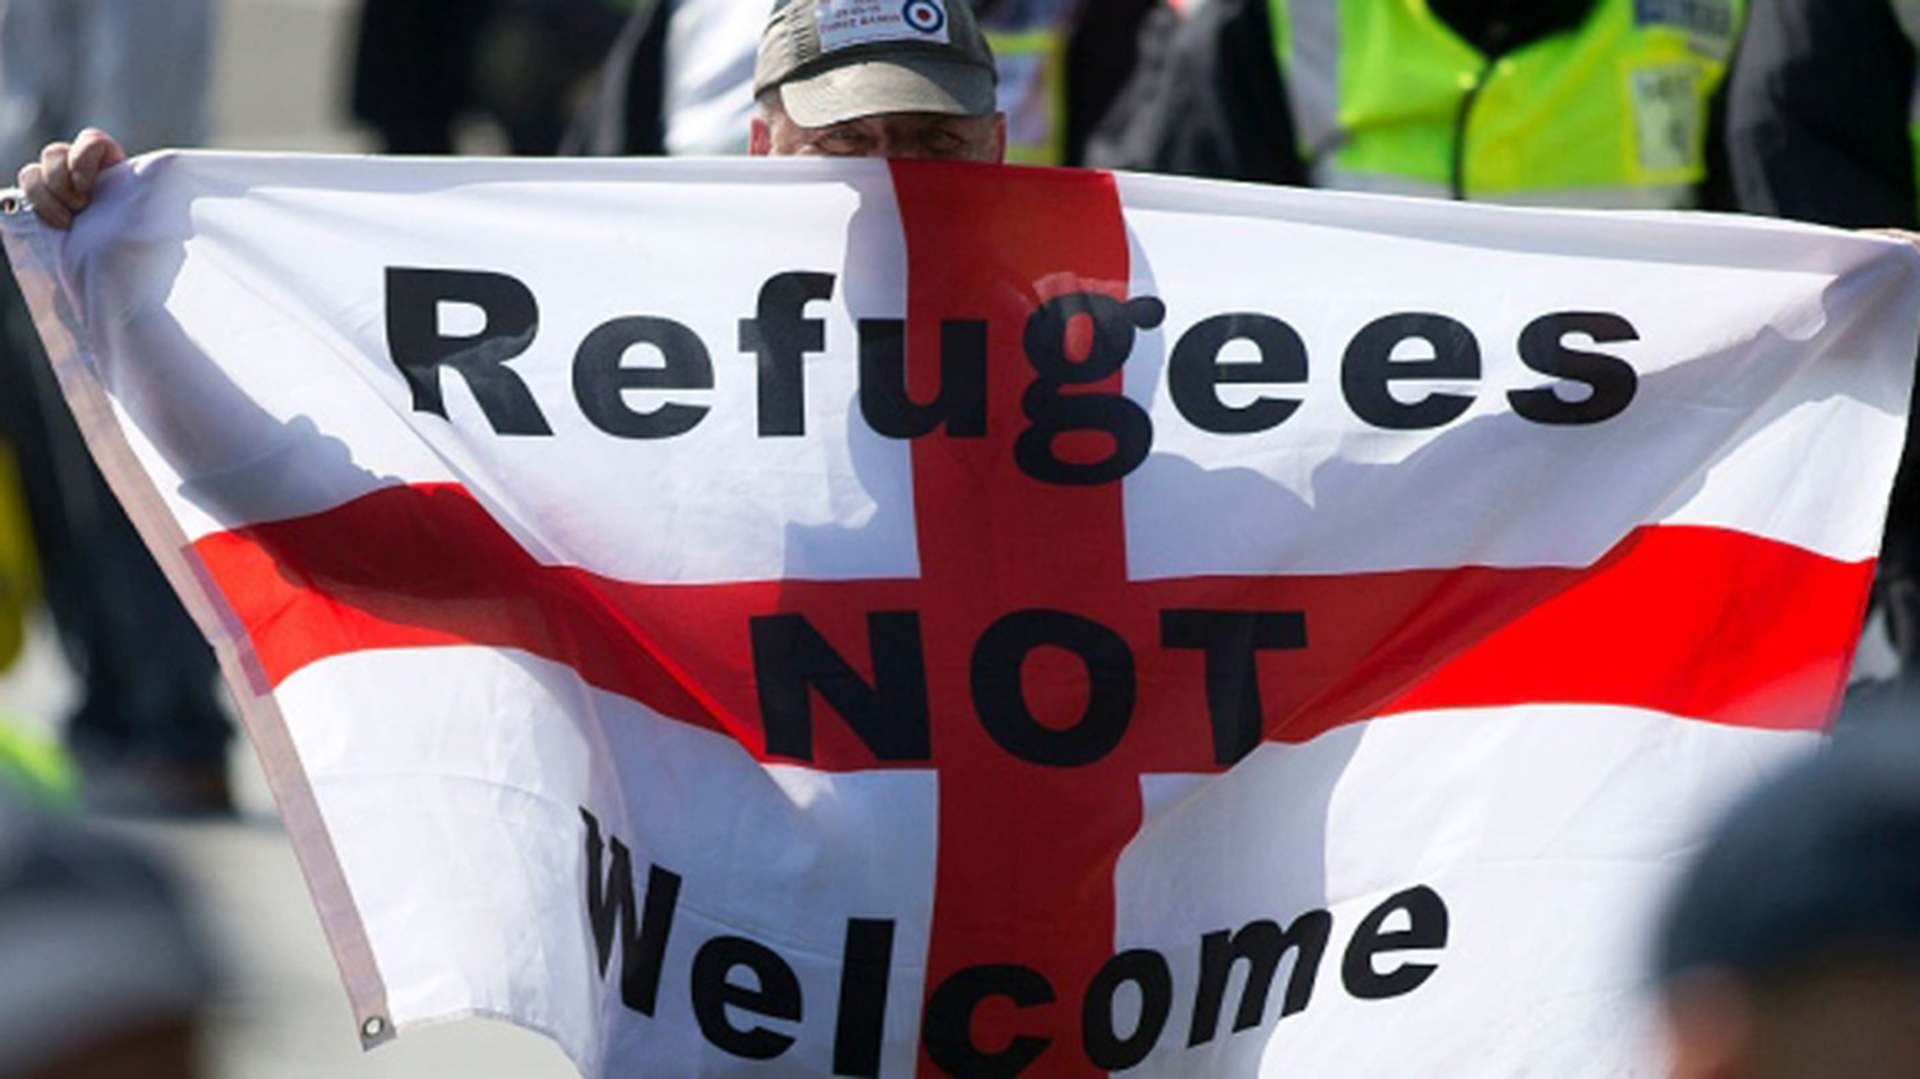 """""""Los refugiados no son bienvenidos"""": un cartel discriminatorio en el Reino Unido"""